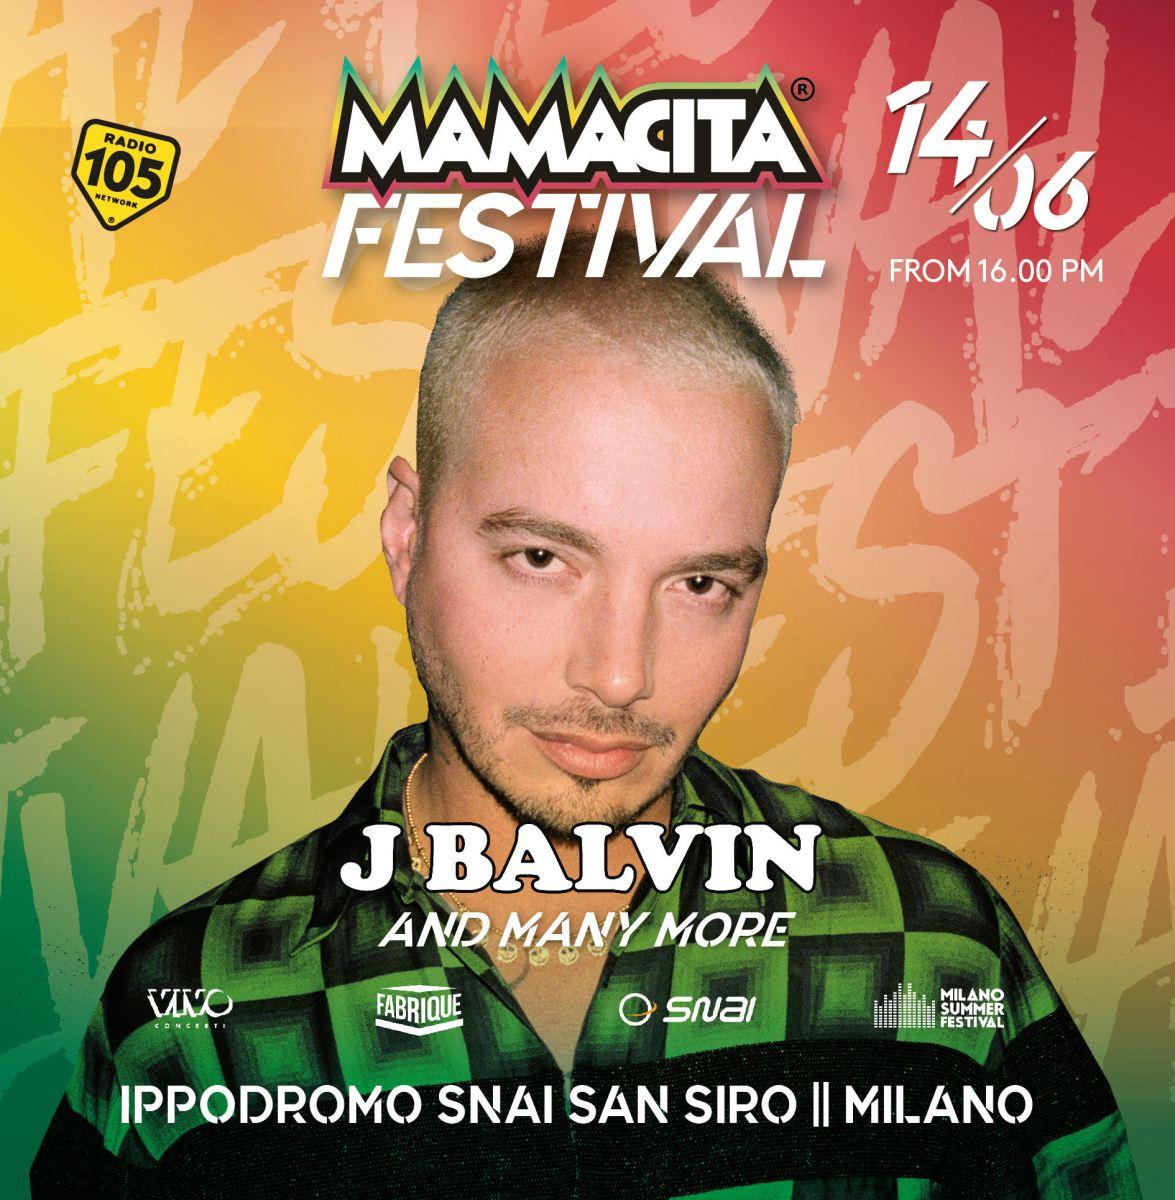 Arriva MAMACITA FESTIVAL il 14 giugno 2019 all'Ippodromo Snai San Siro di Milano con J BALVIN